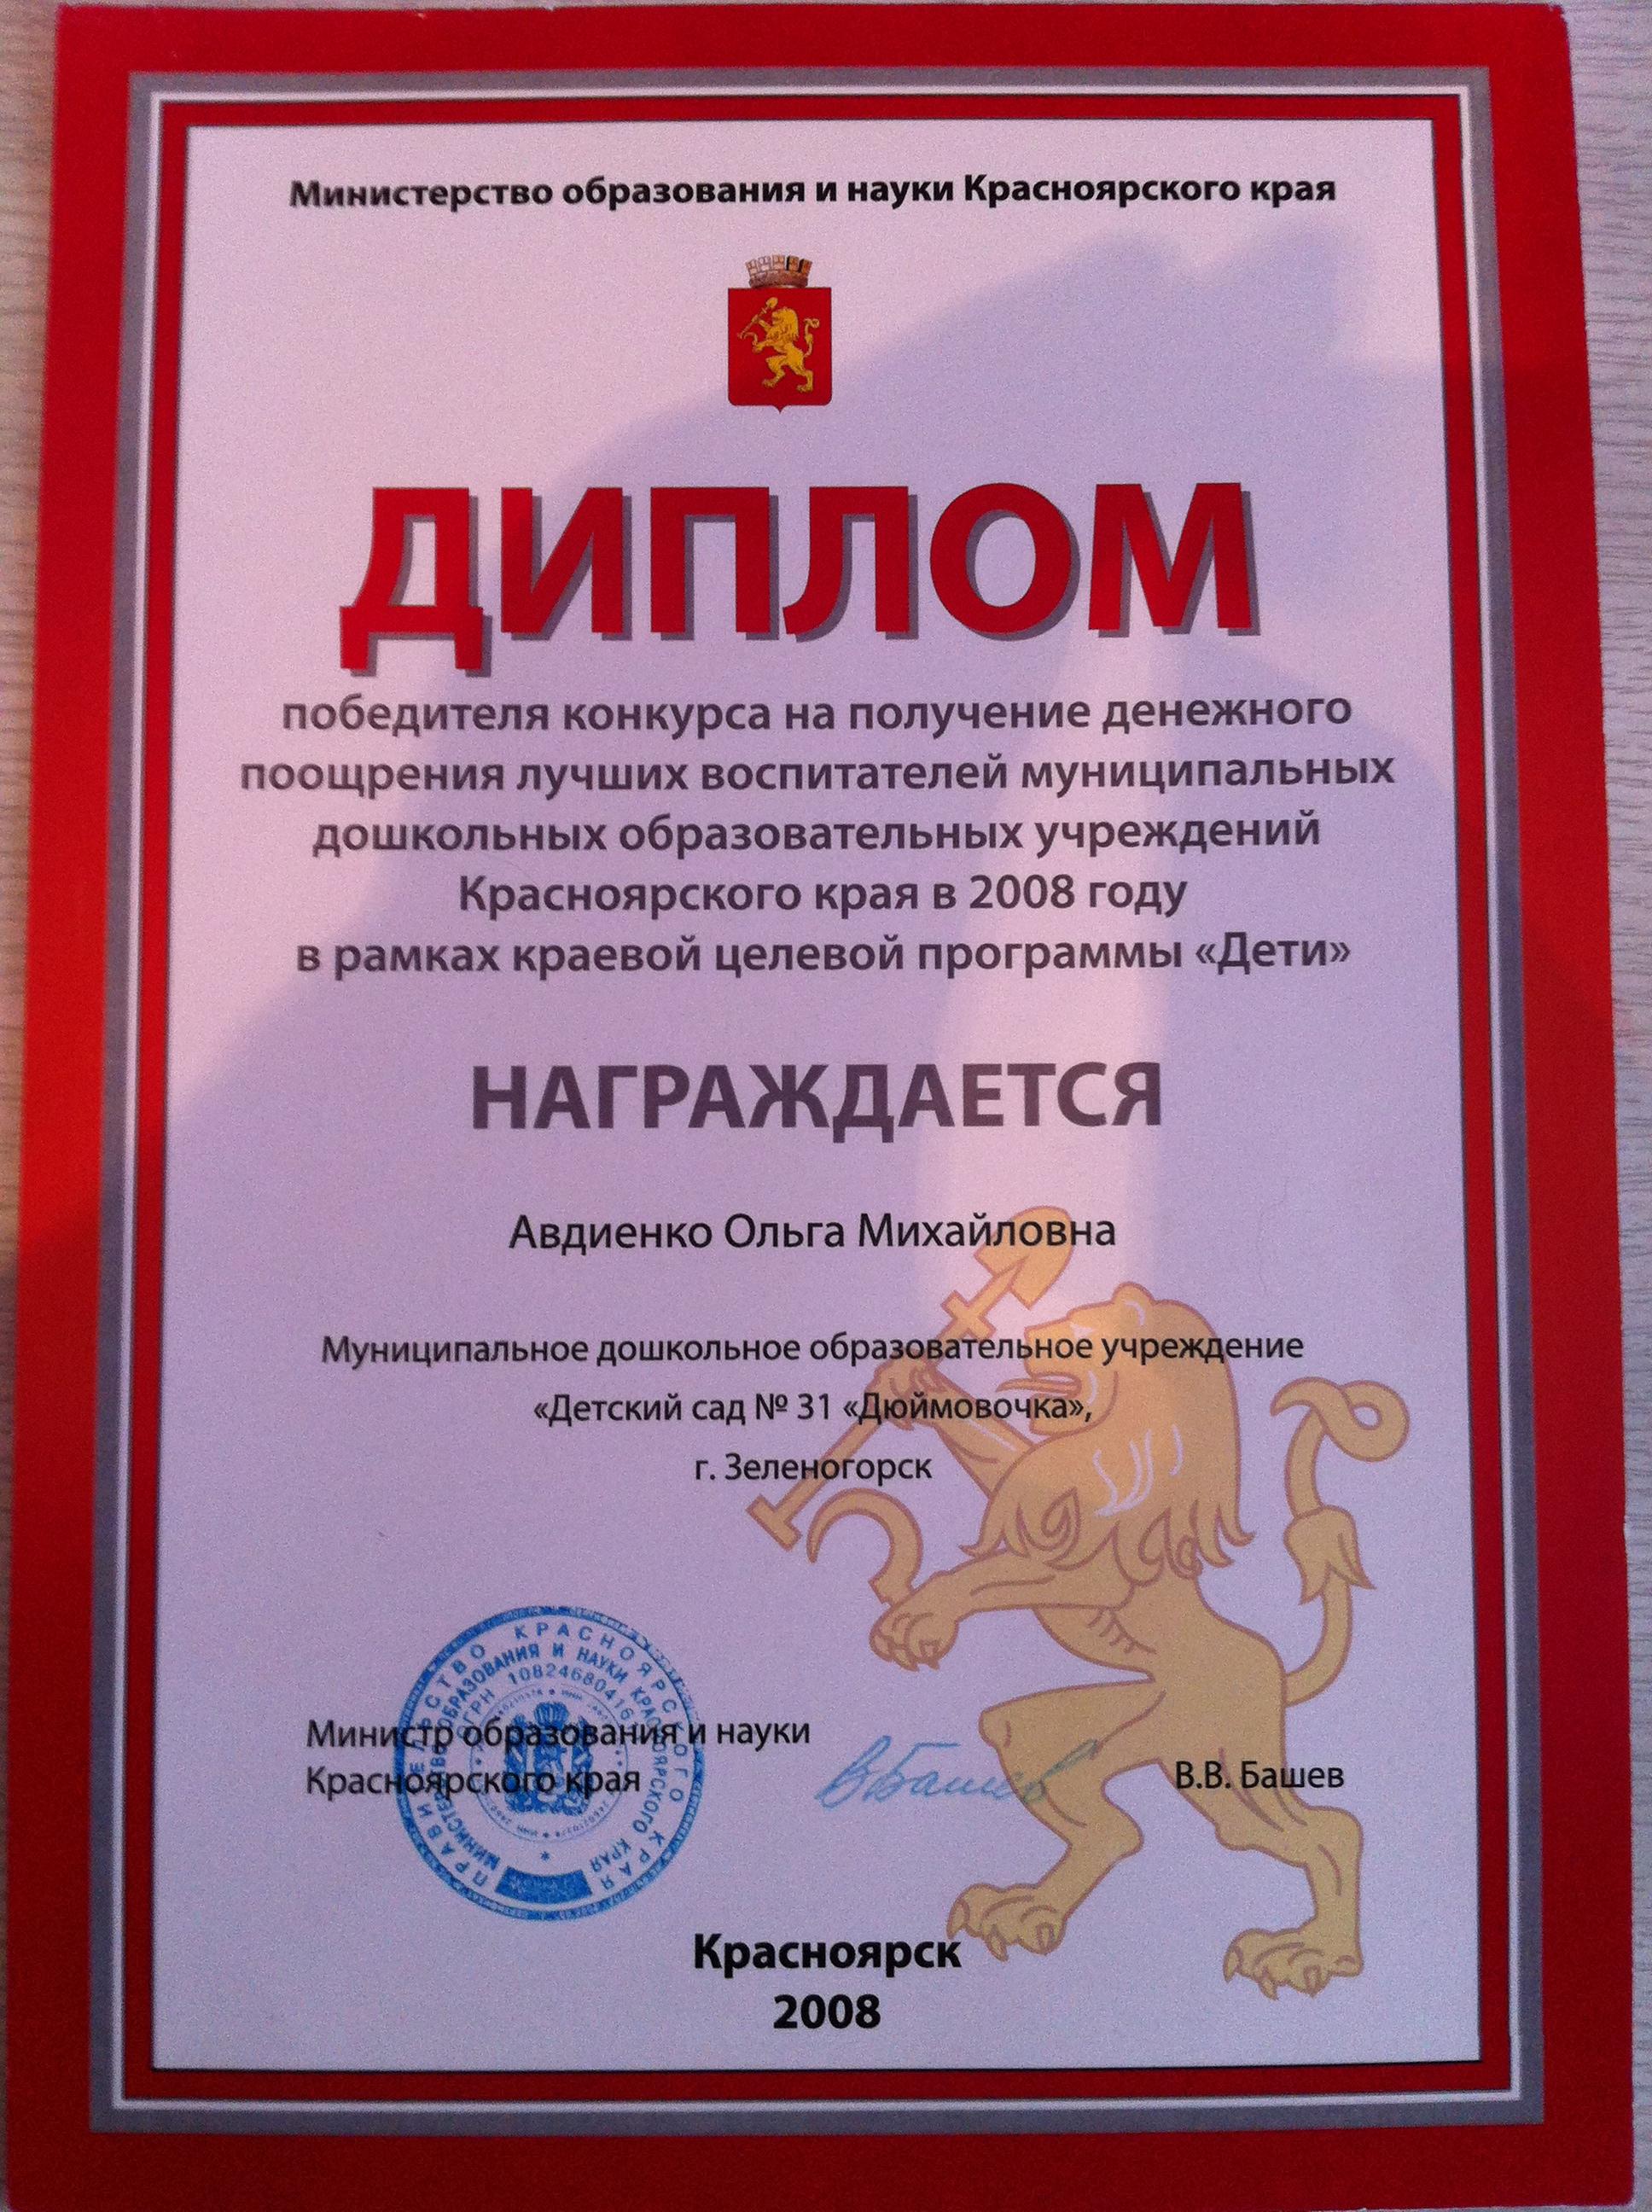 Поздравления о конкурсе